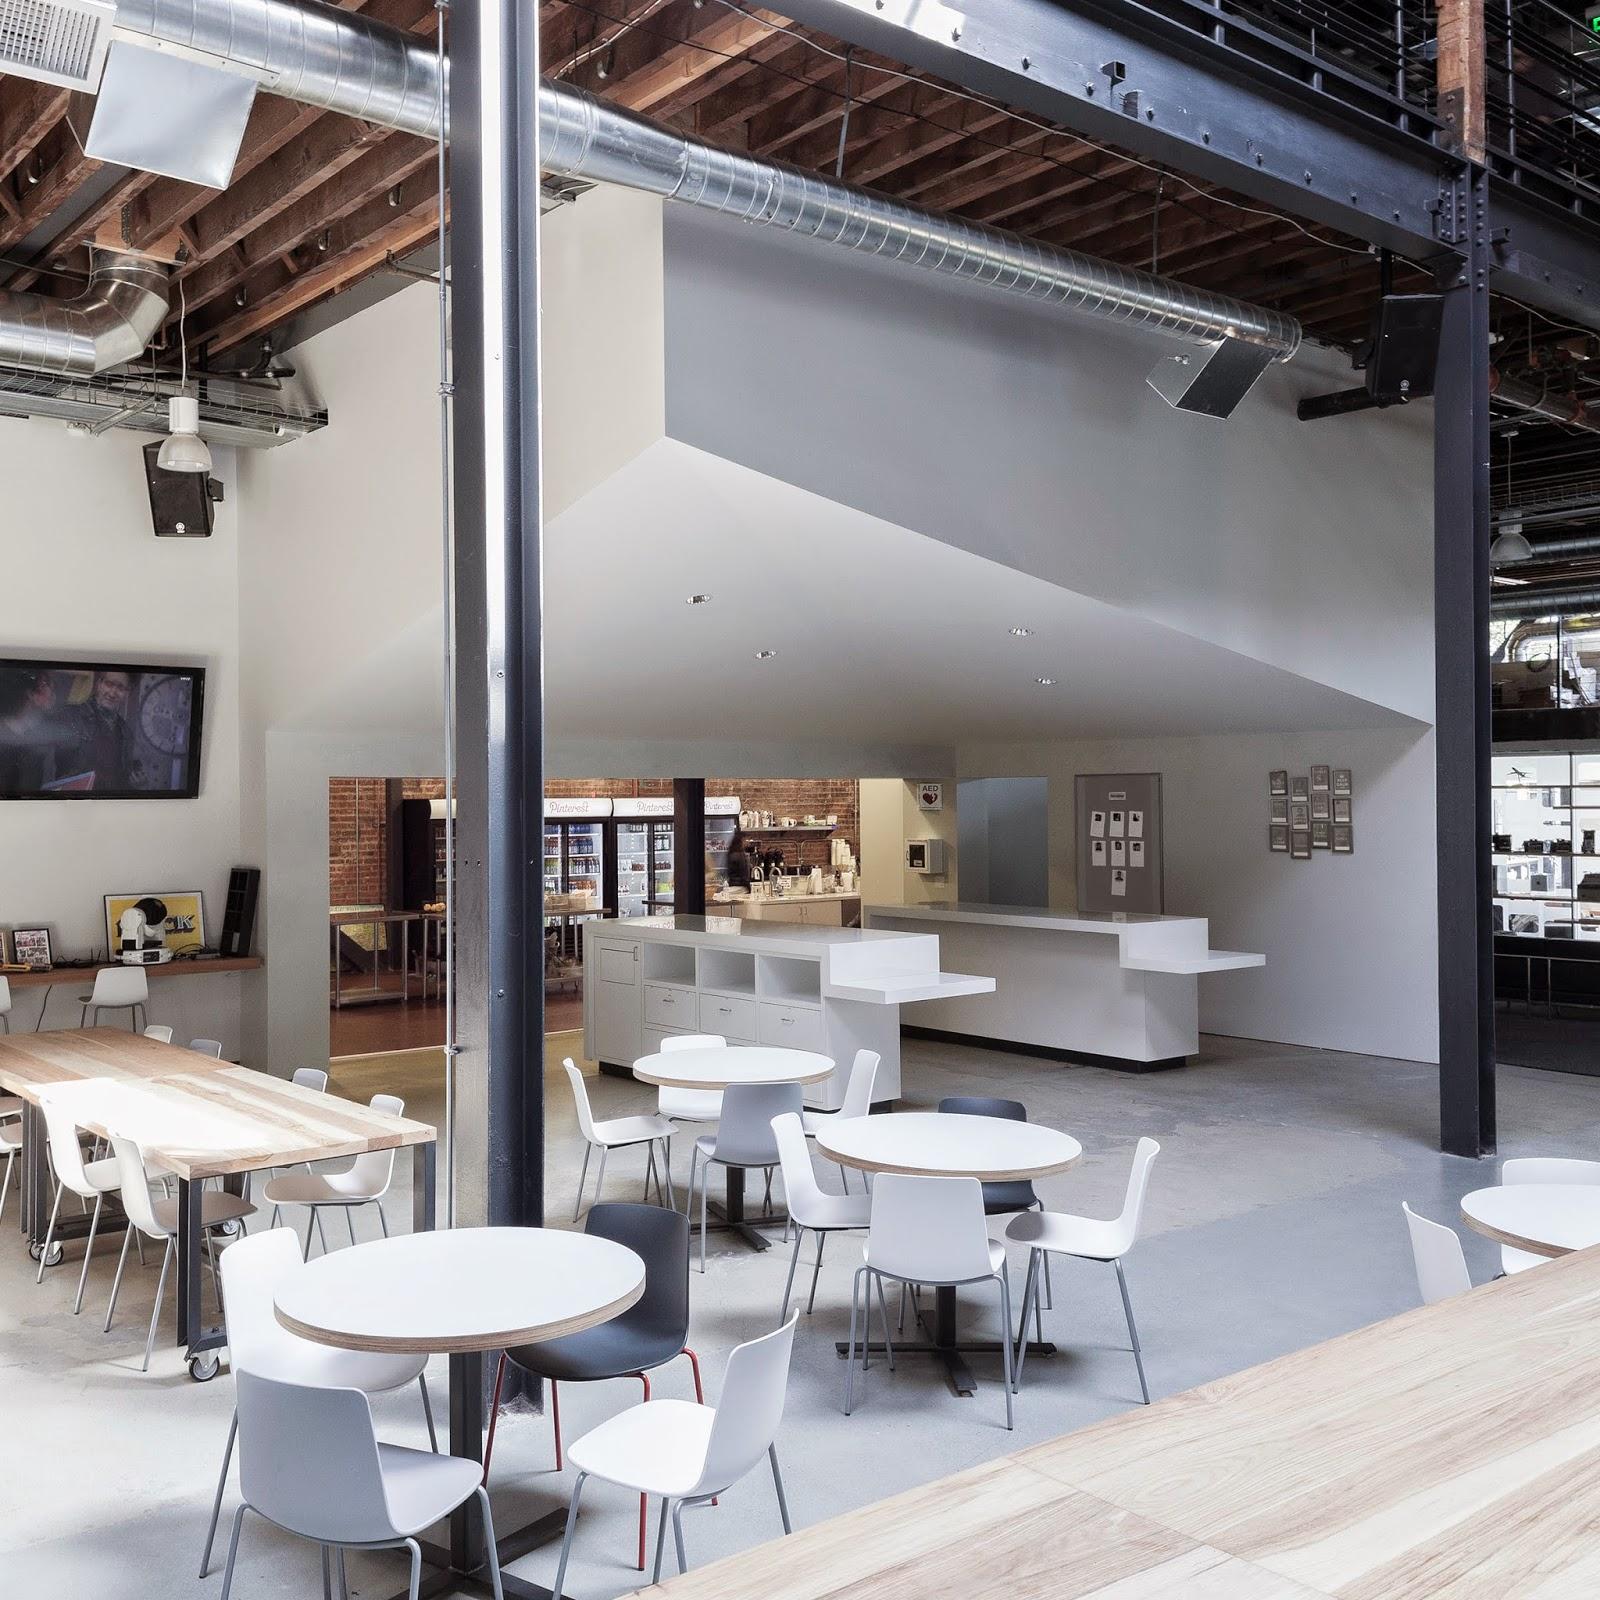 renovasi-bangunan-gudang-interior-kantor-pinterest.com-dinamis-ruang dan rumahku-006